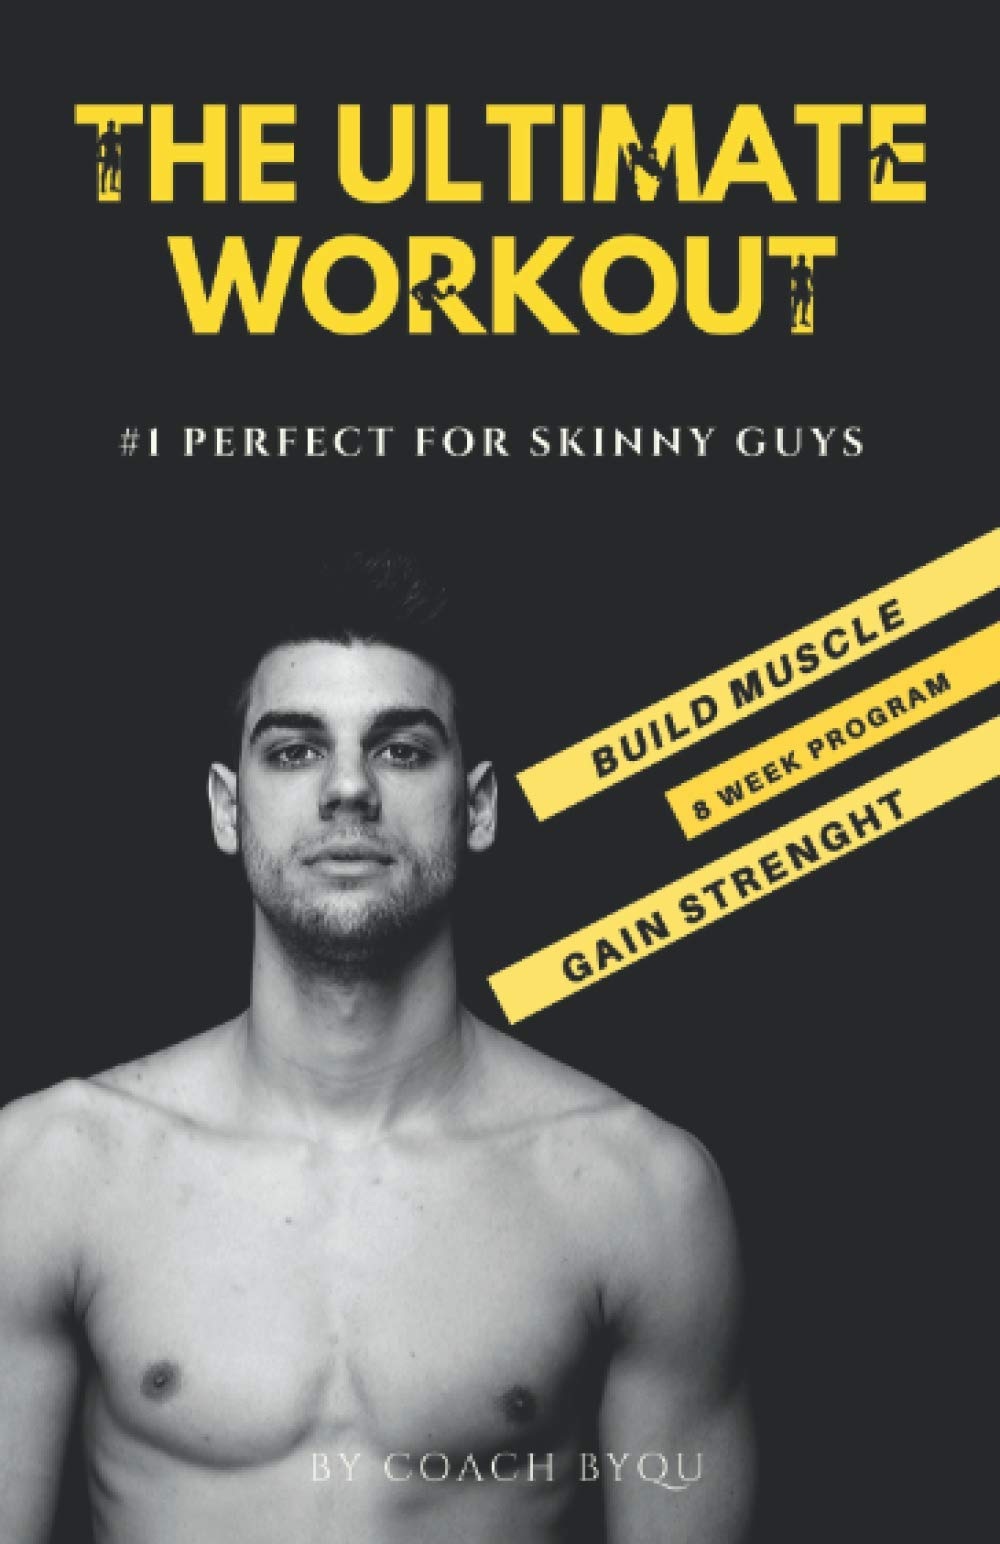 Skinny guy in gym